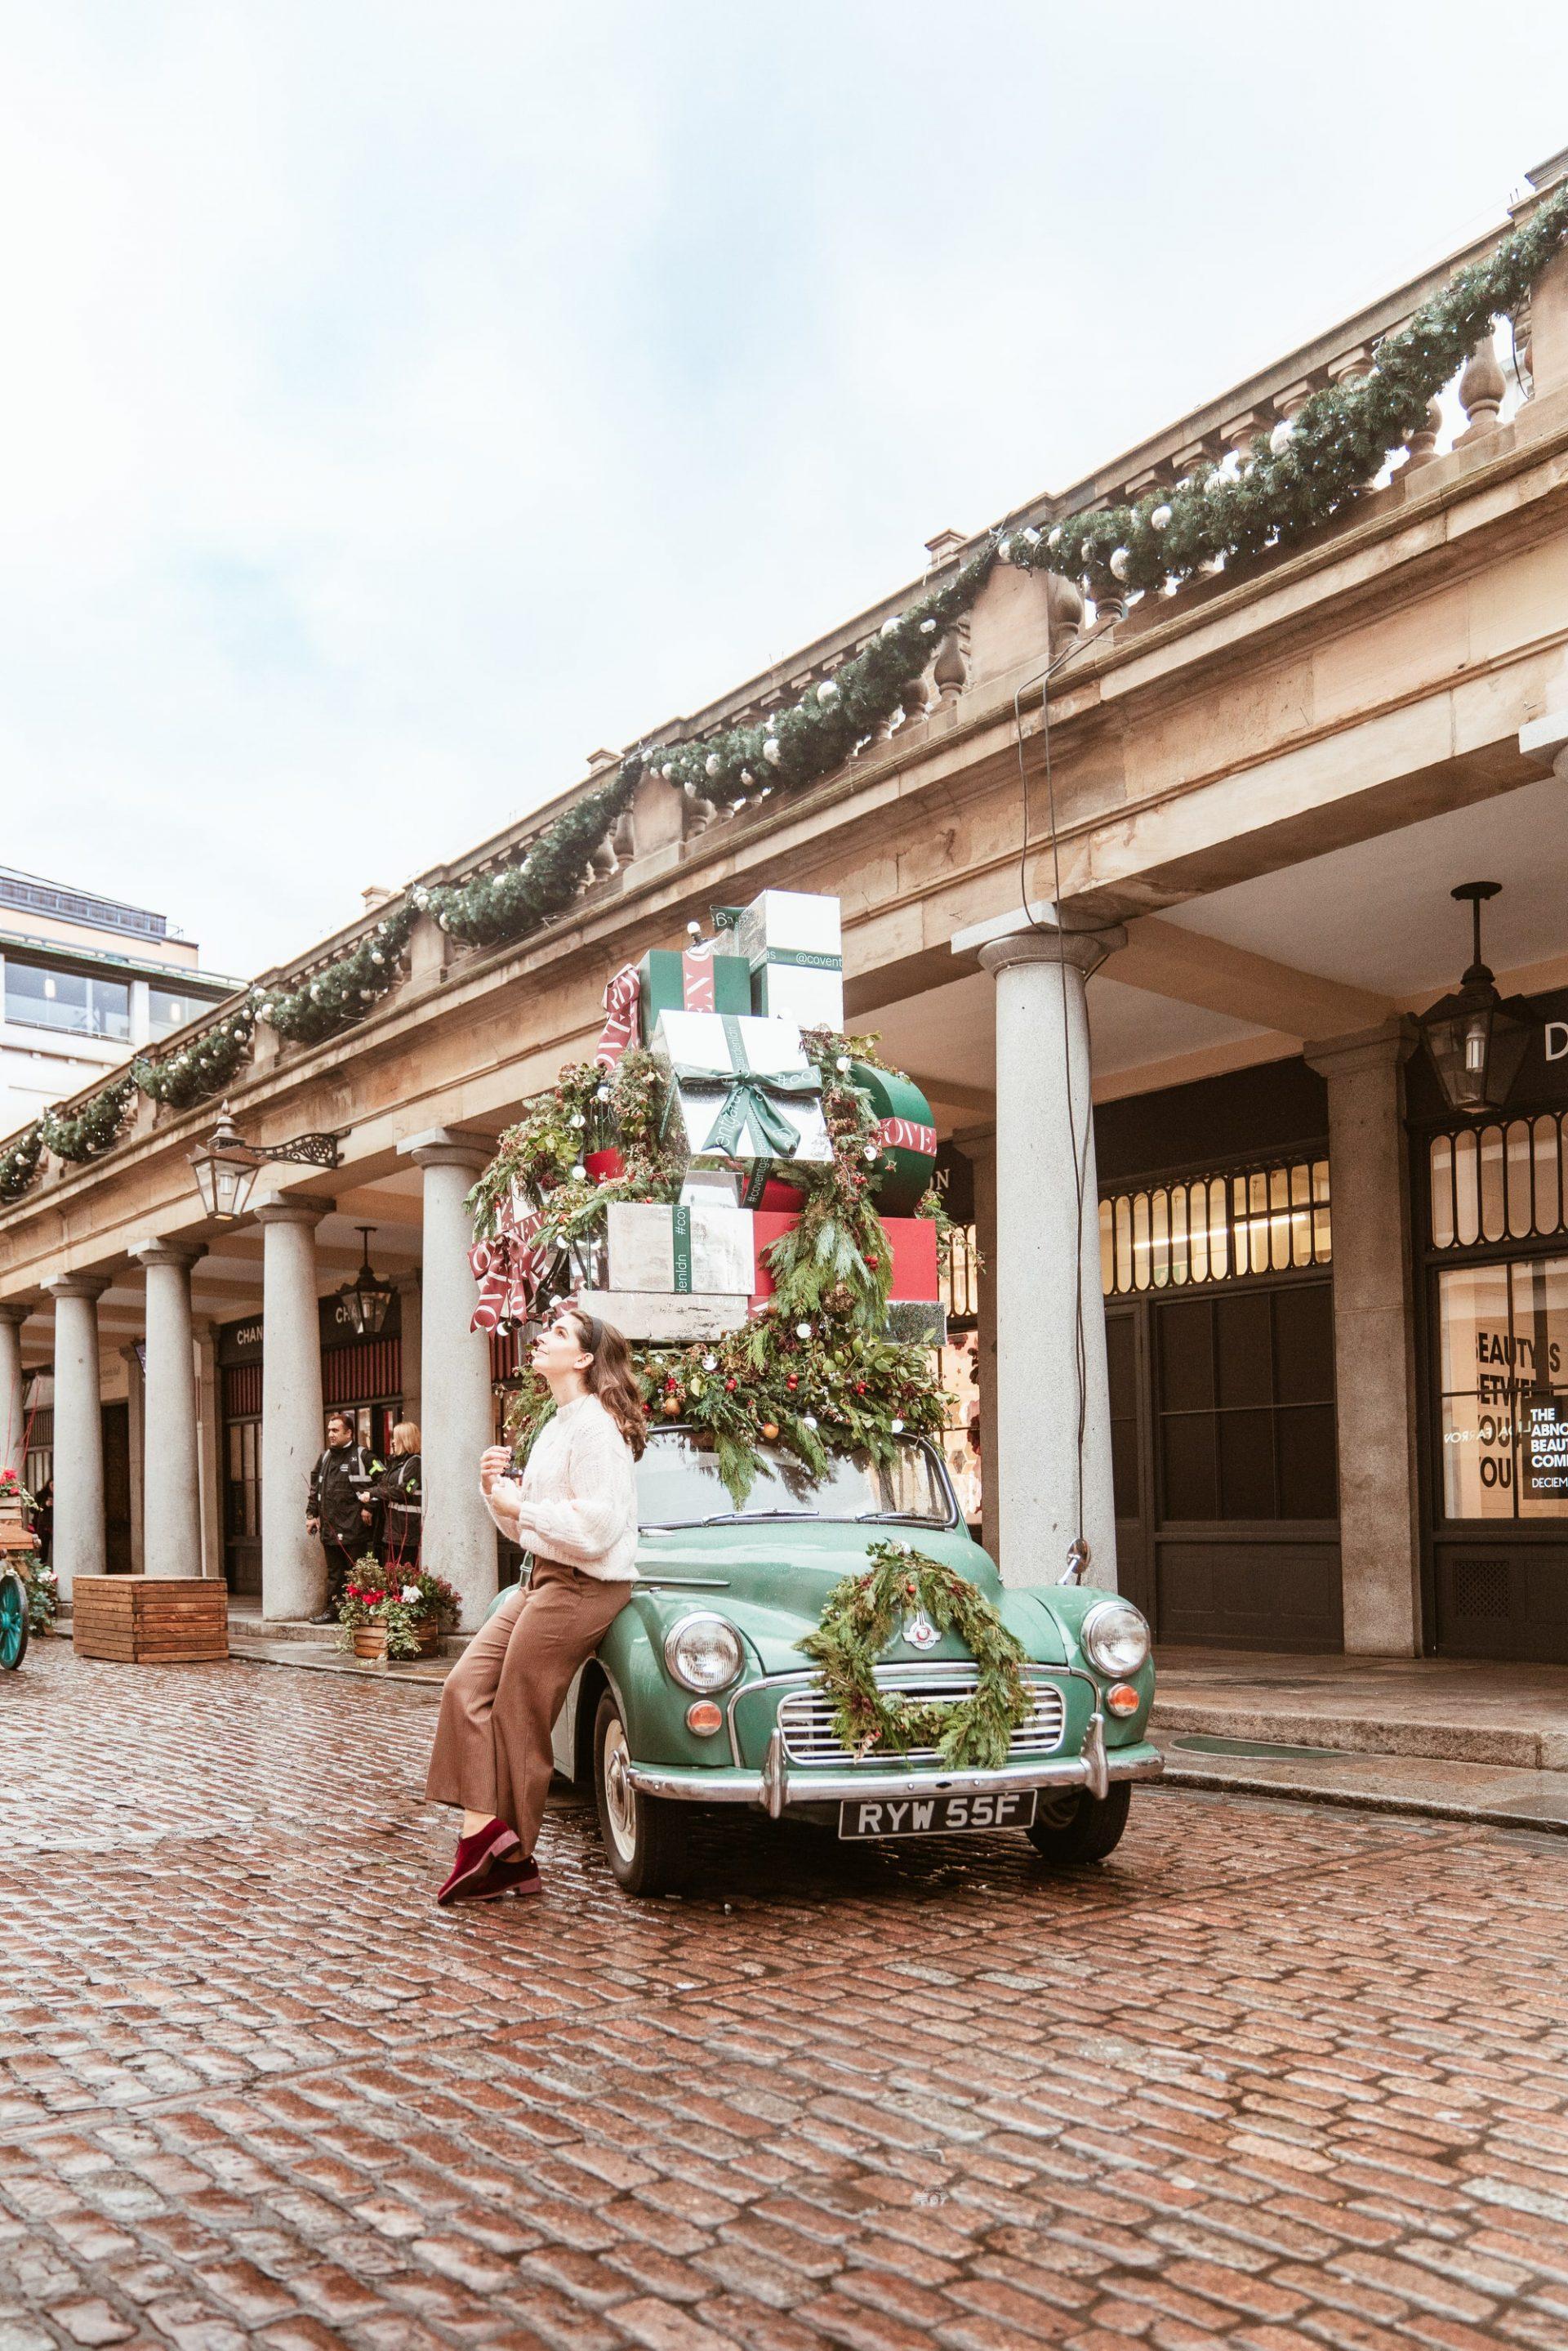 Covent Garden Market at Christmas Season